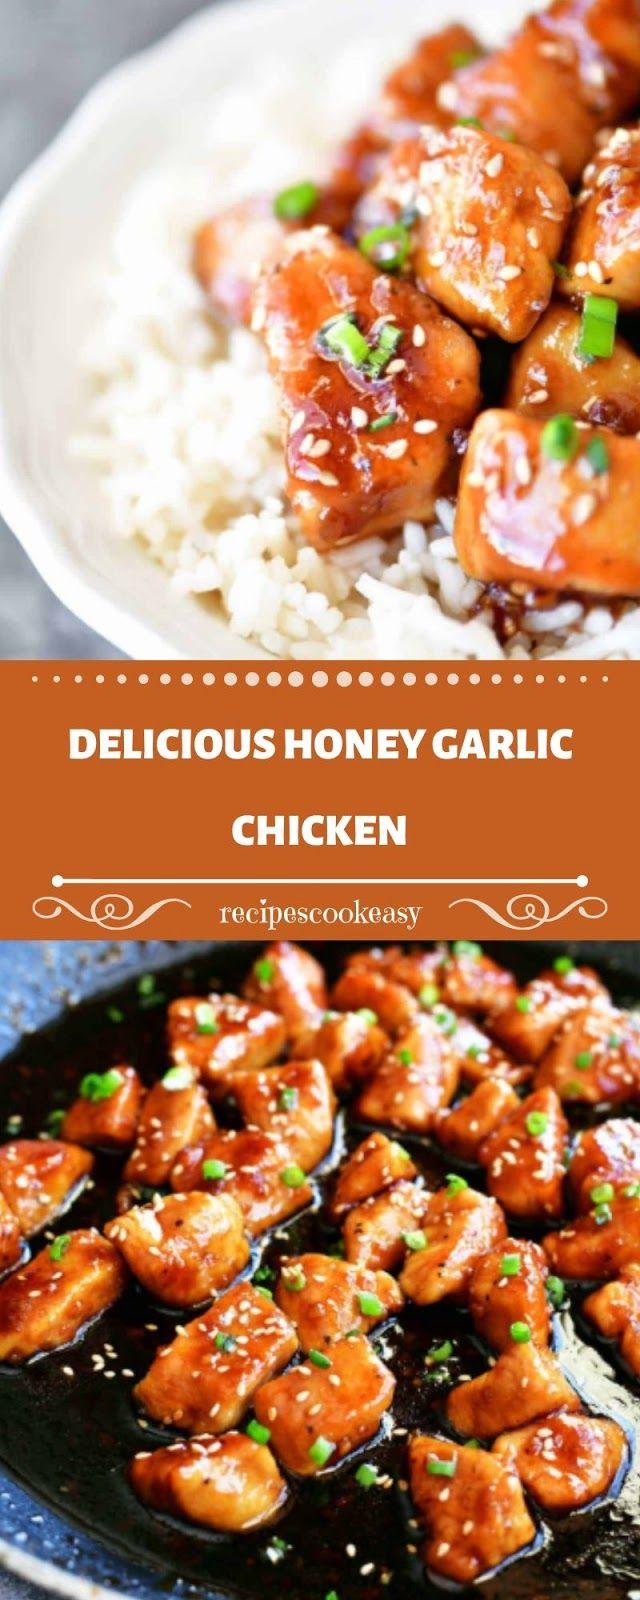 Delicious Honey Garlic Chicken Easy Honey Garlic Chicken Chicken Bites Recipes Honey Garlic Chicken